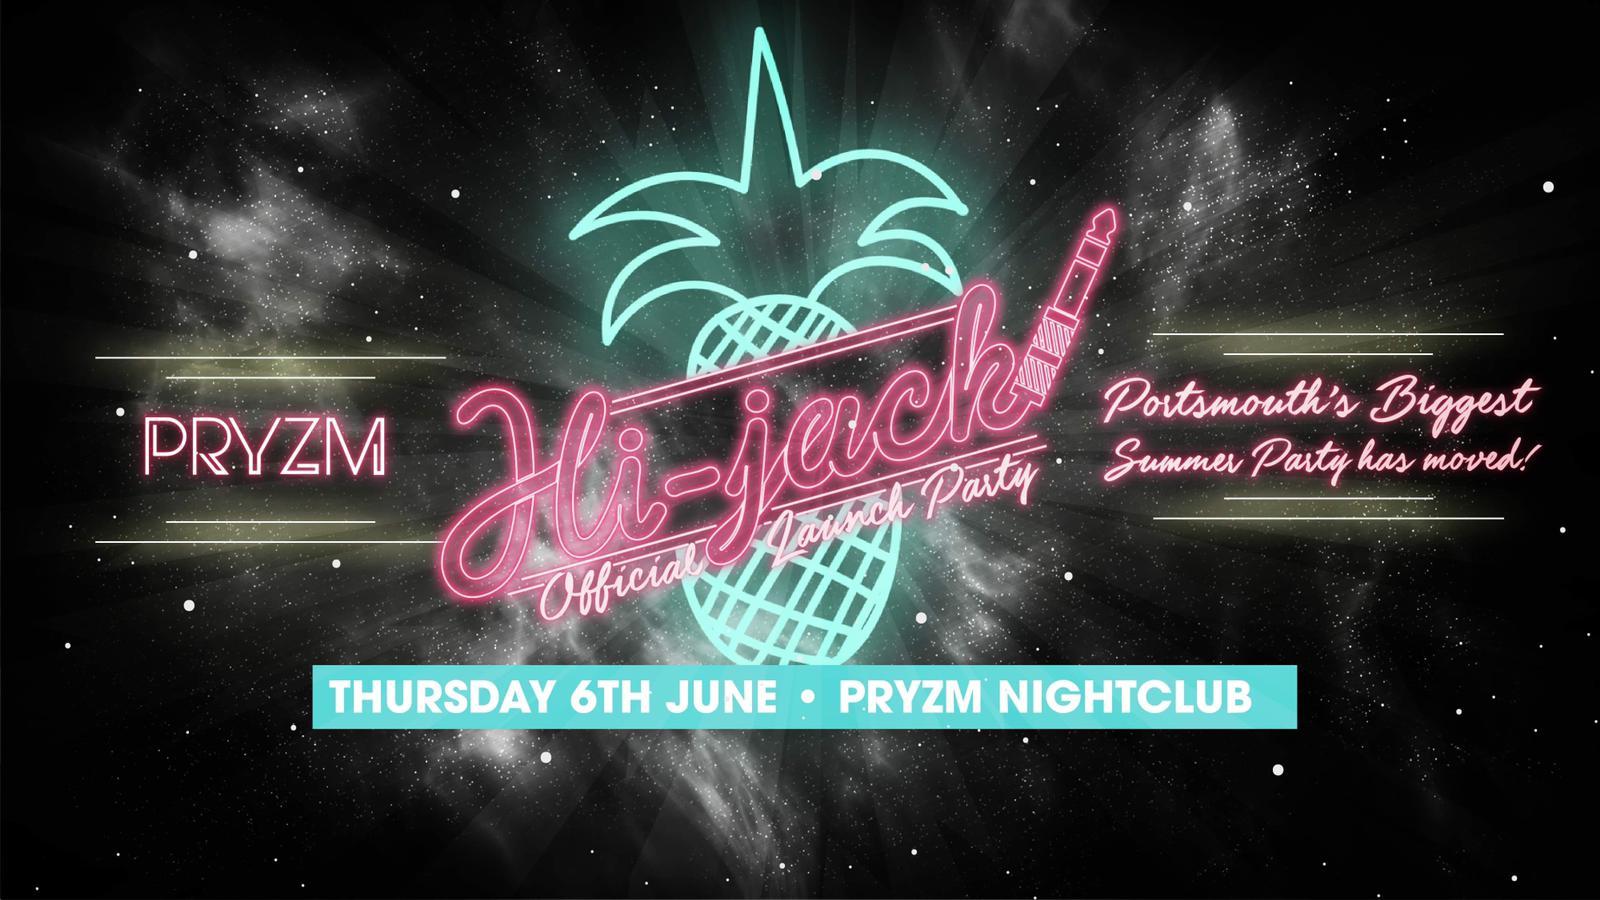 HI-JACK LAUNCH PARTY - PRYZM - PRYZM NIGHT CLUB, Stanhope Rd, Portsmouth PO1 1DU